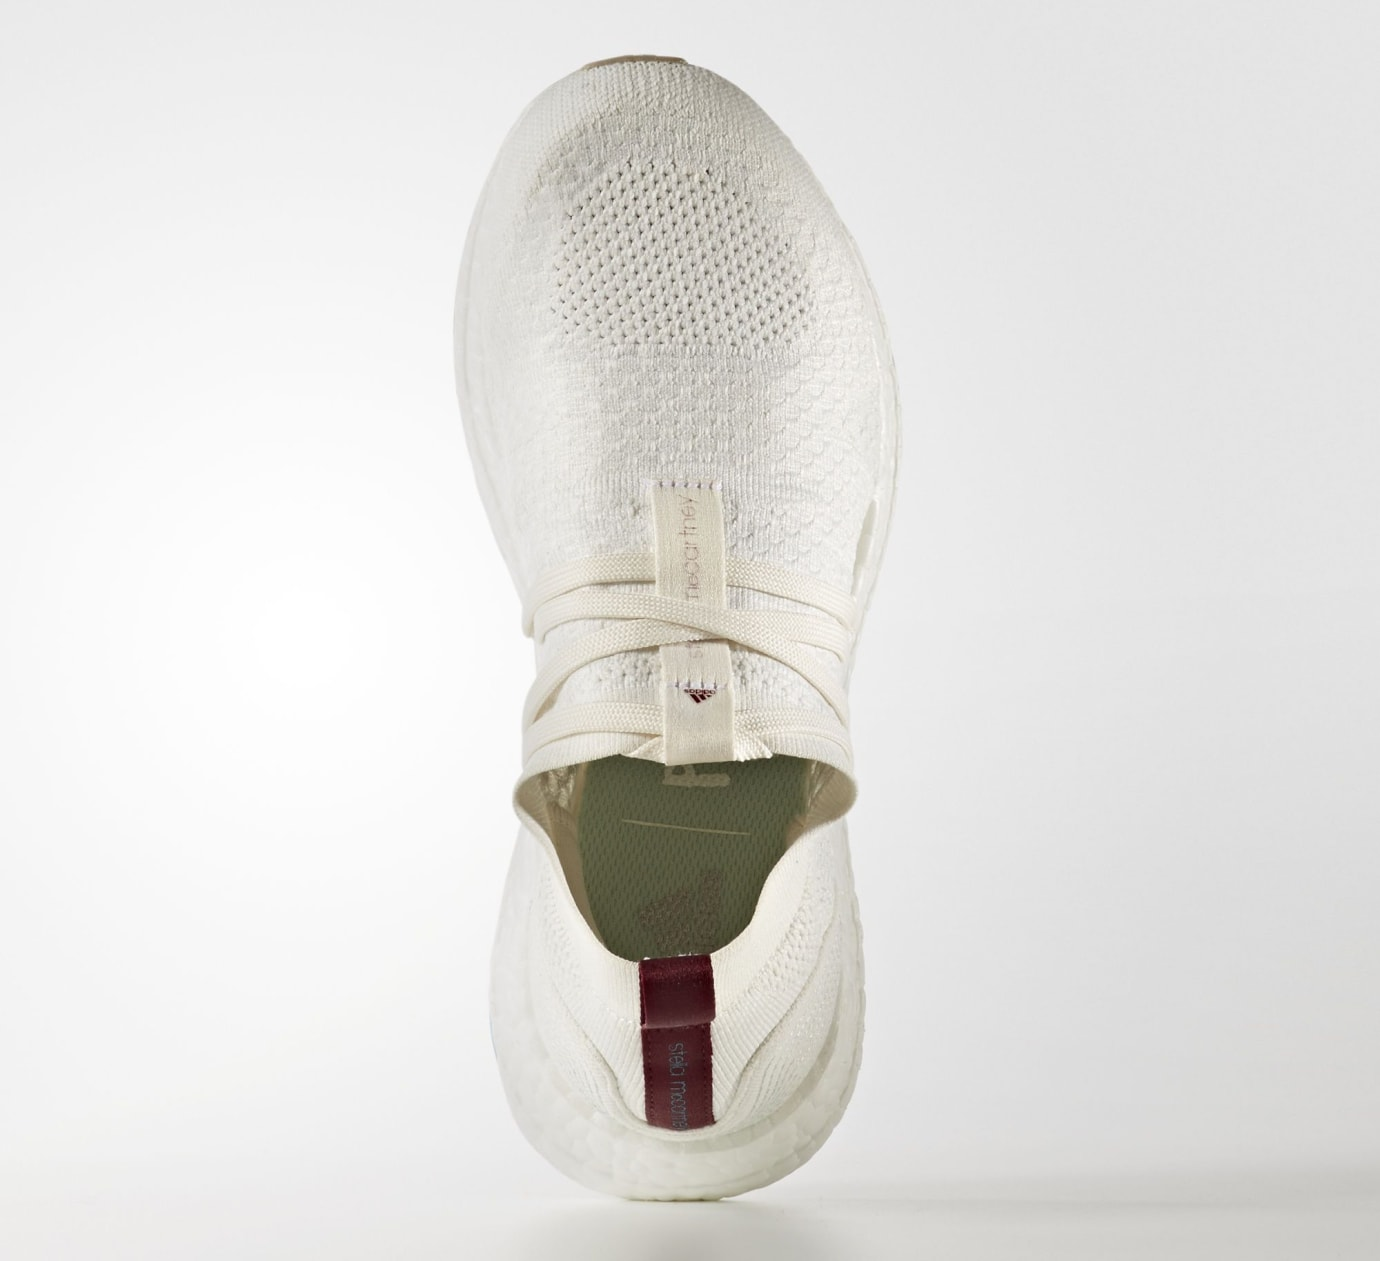 Parley Adidas Ultra Boost X Stella McCartney BB5511 Top